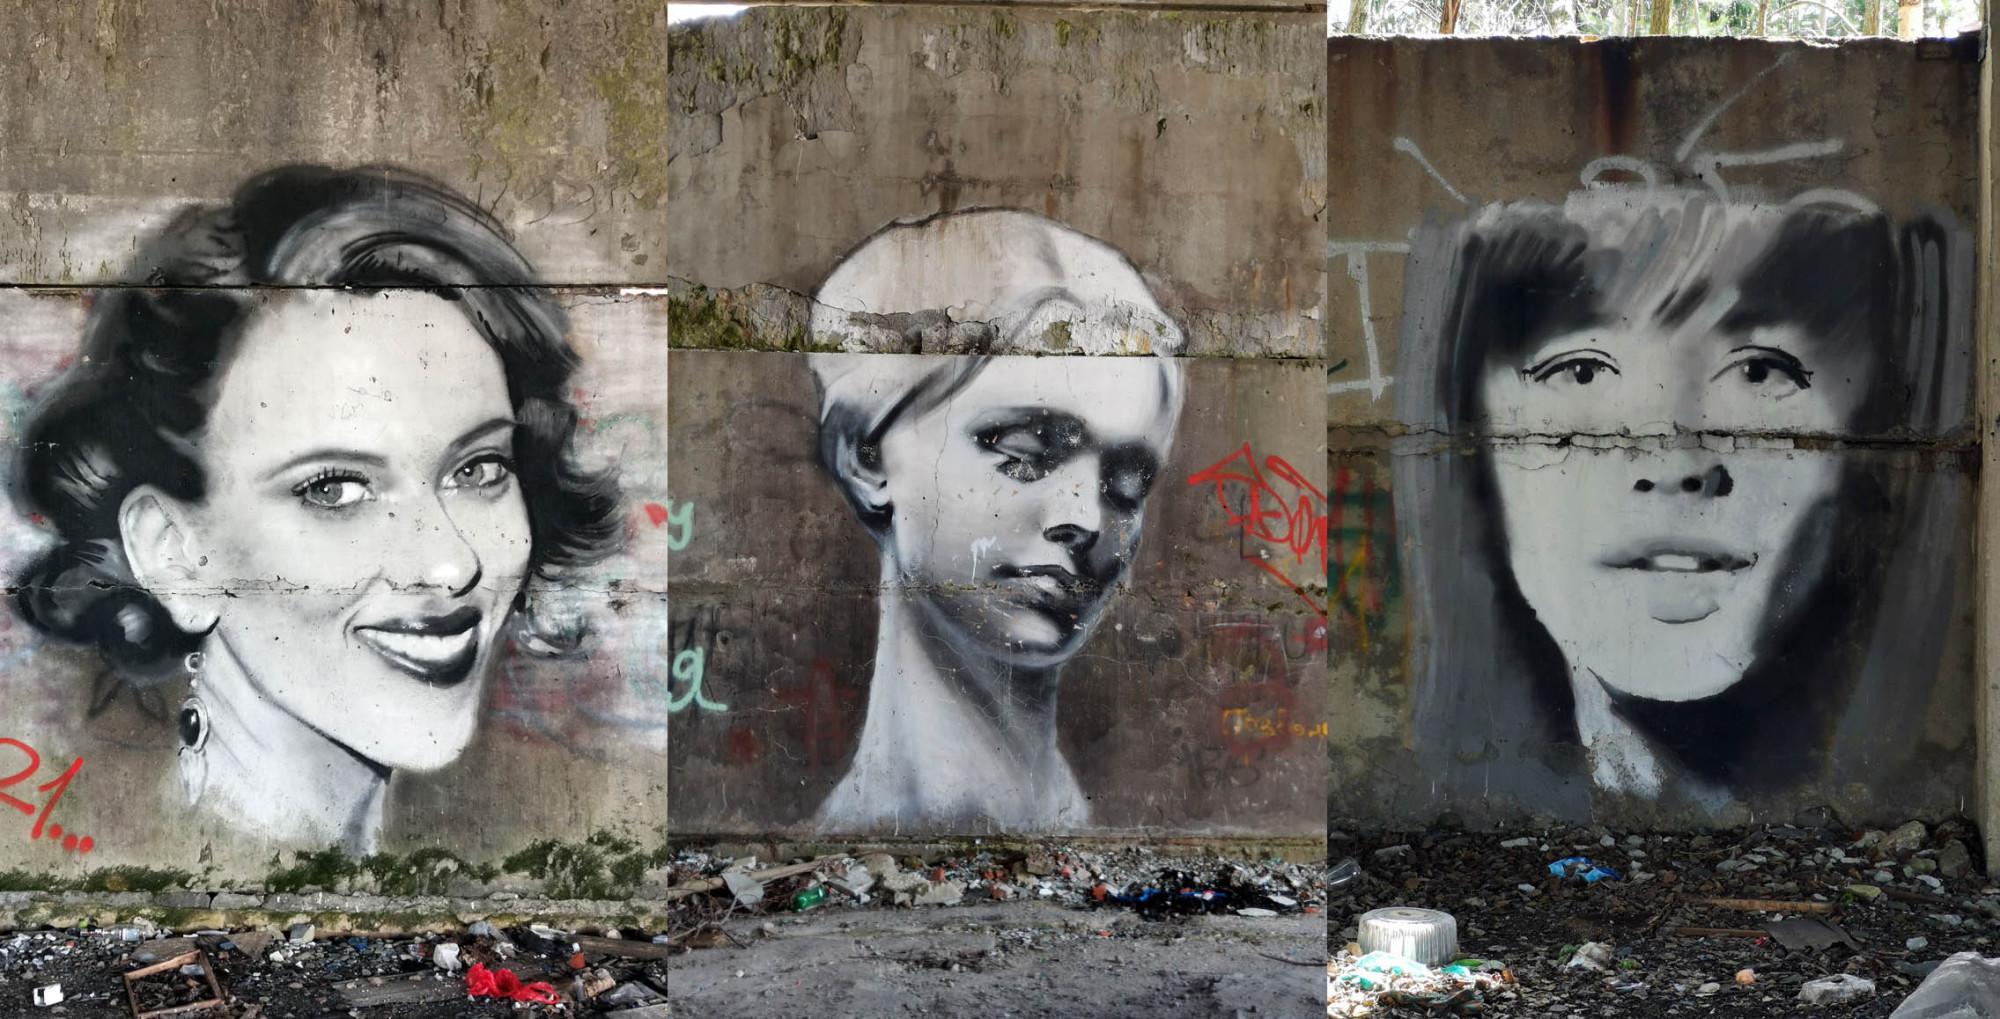 Среди этого дестроя и мусора на стенах прекрасные портреты. Их было больше, но к сожалению их частично или полностью закрасили похабными надписями и картинками. Увы, есть люди, которые сами ничего из себя не представляют и при этом очень сильно завидуют другим людям, не обделенных талантом и умением. И уничтожая произведения искусства они видимо так самоутверждаются. Ущербные людишки!